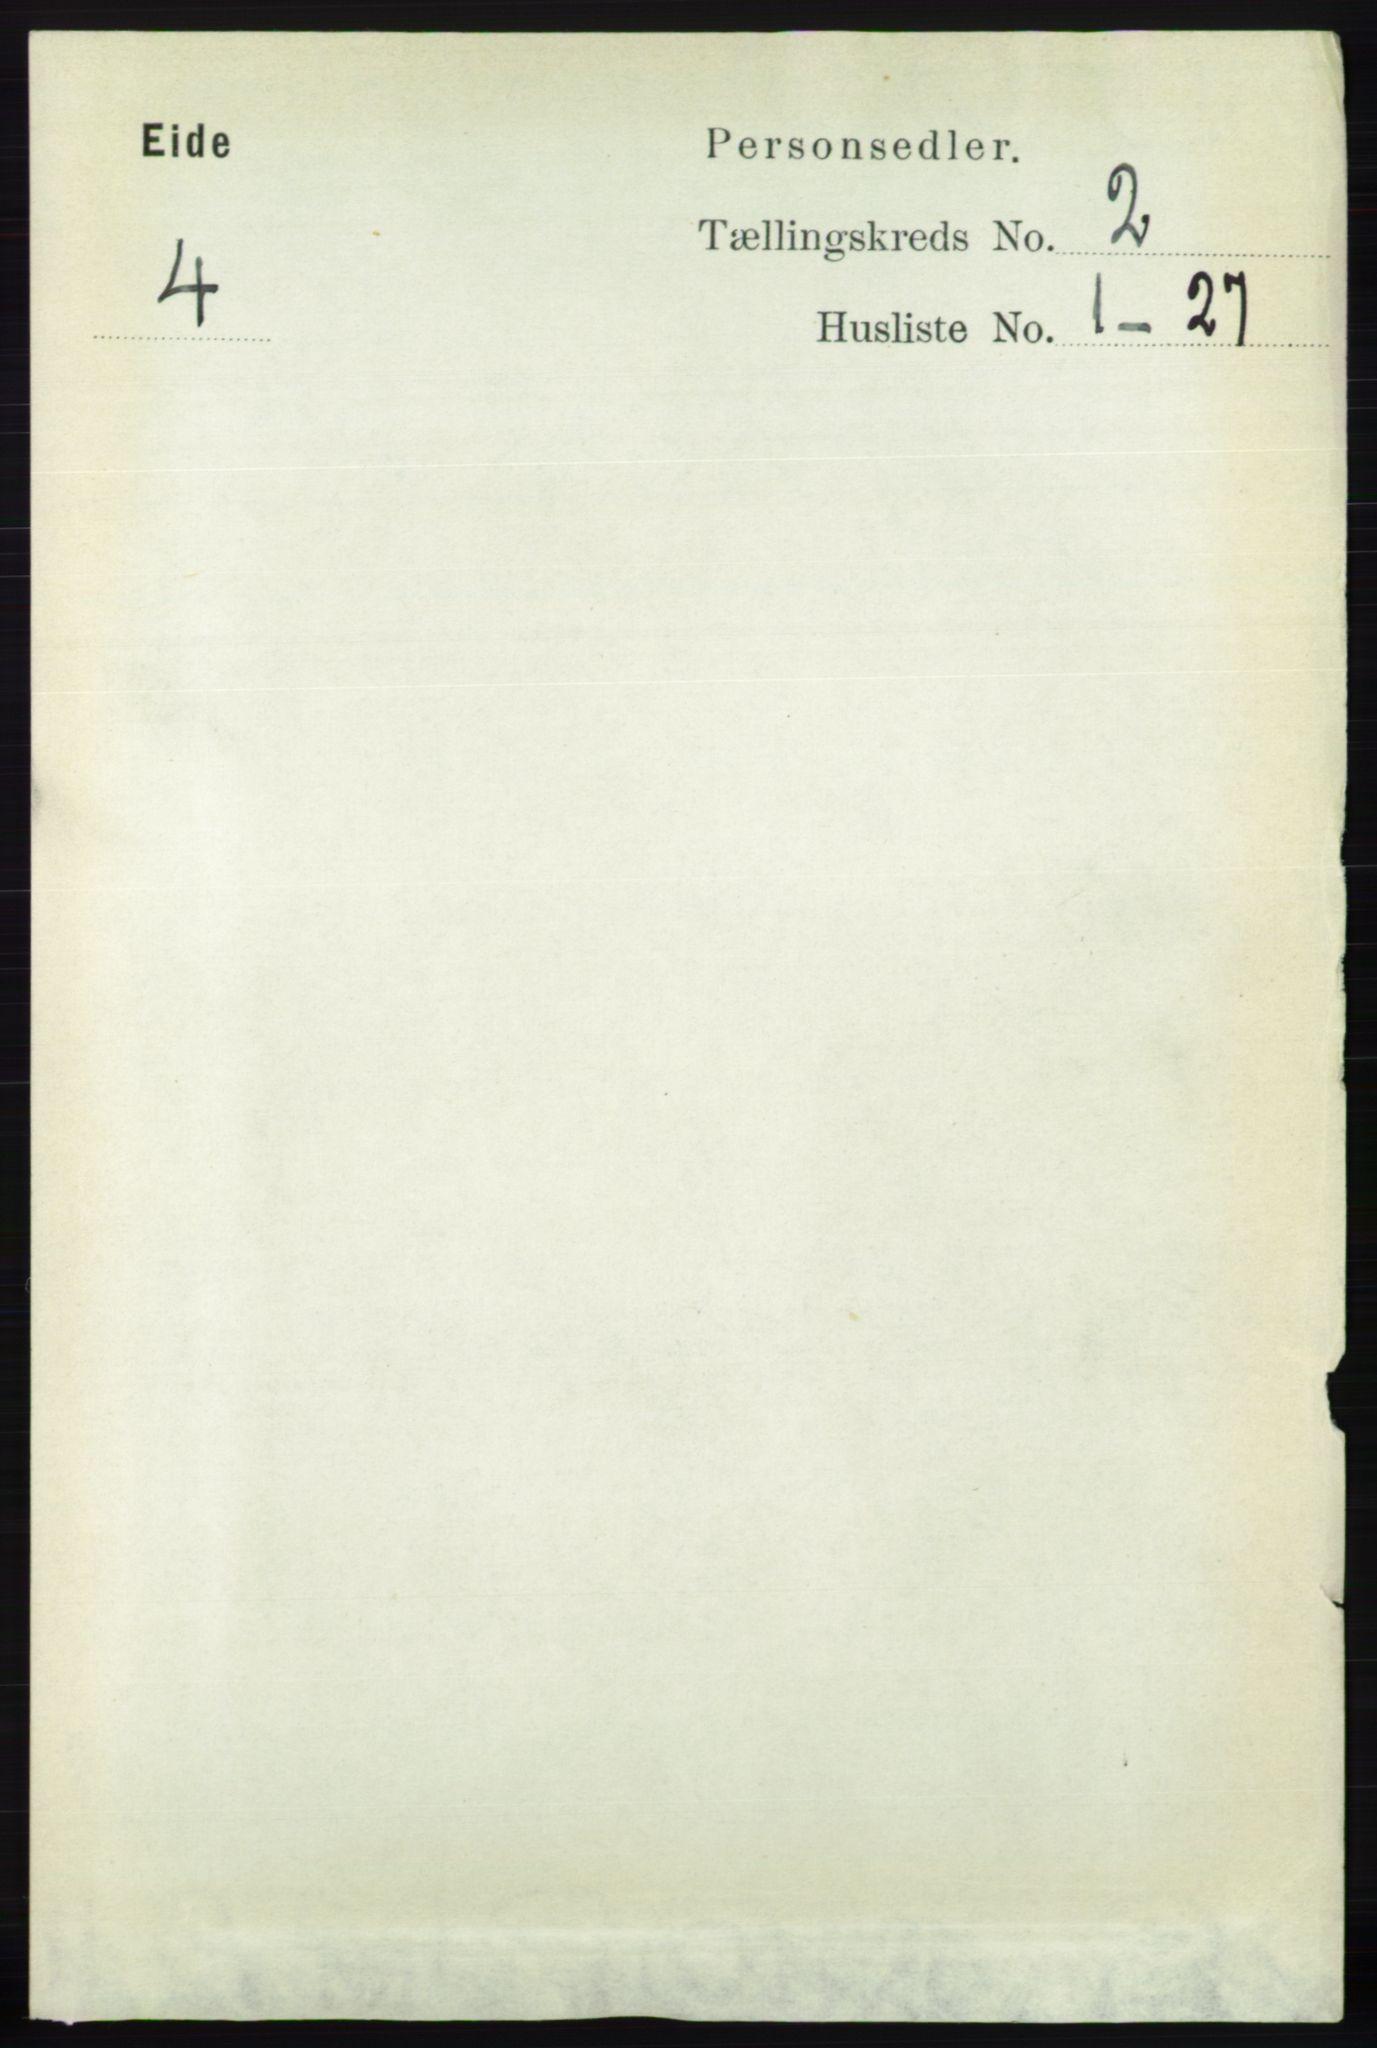 RA, Folketelling 1891 for 0925 Eide herred, 1891, s. 343